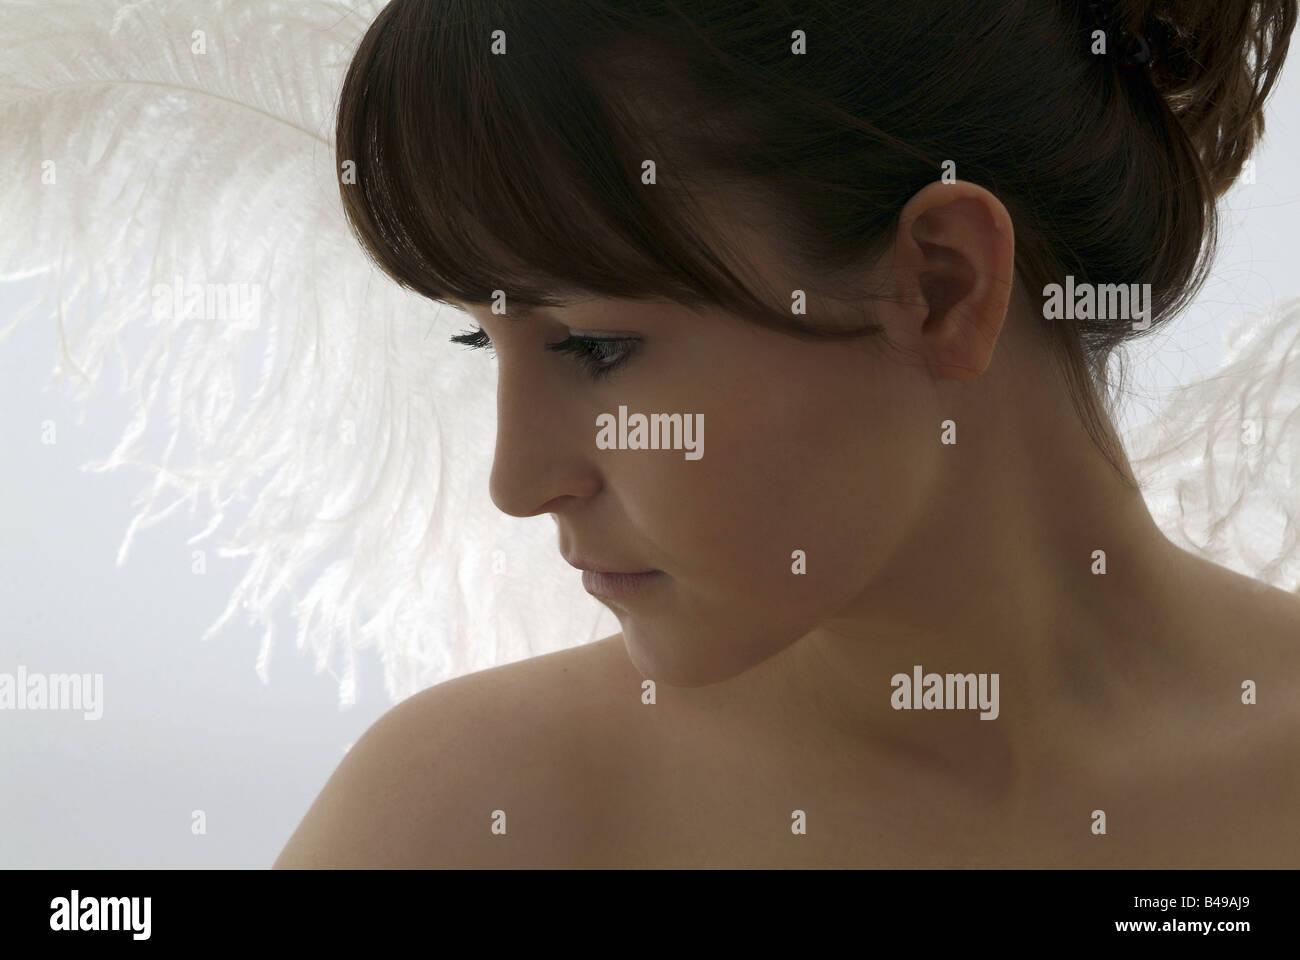 Jeune femme avec des ailes d'anges Photo Stock